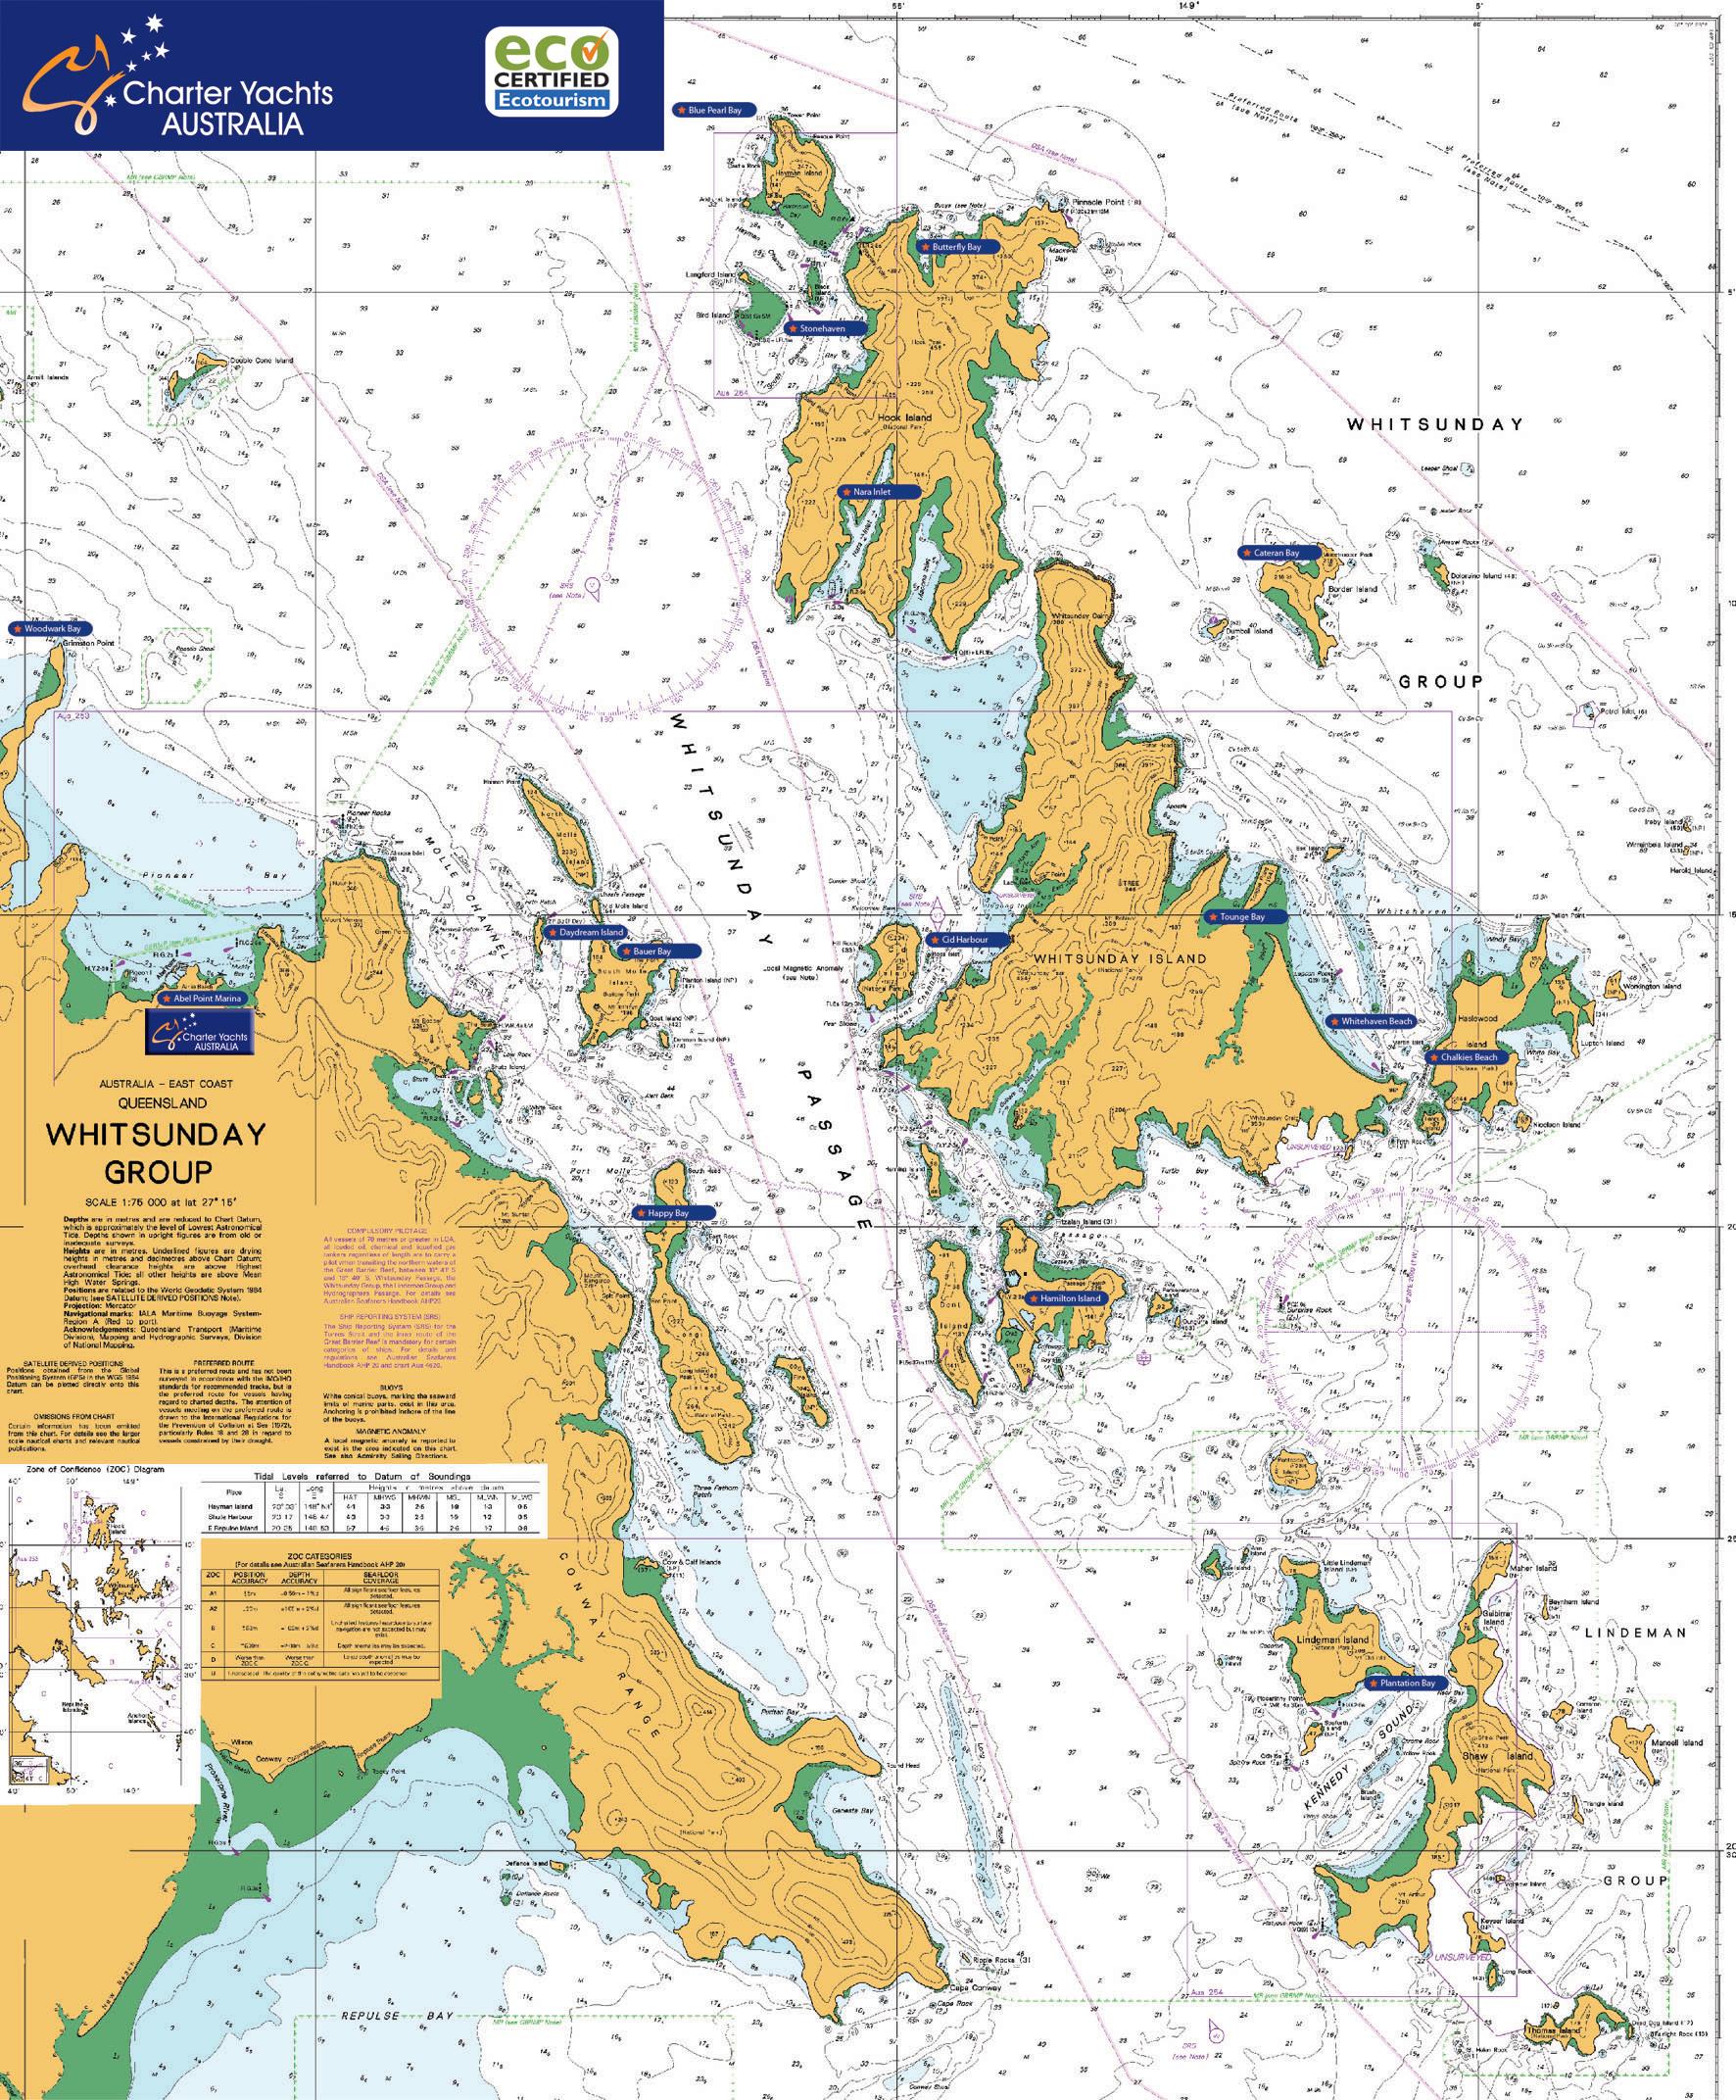 Whitsunday Islands Map Whitsunday Islands Map | Charter Yachts Australia